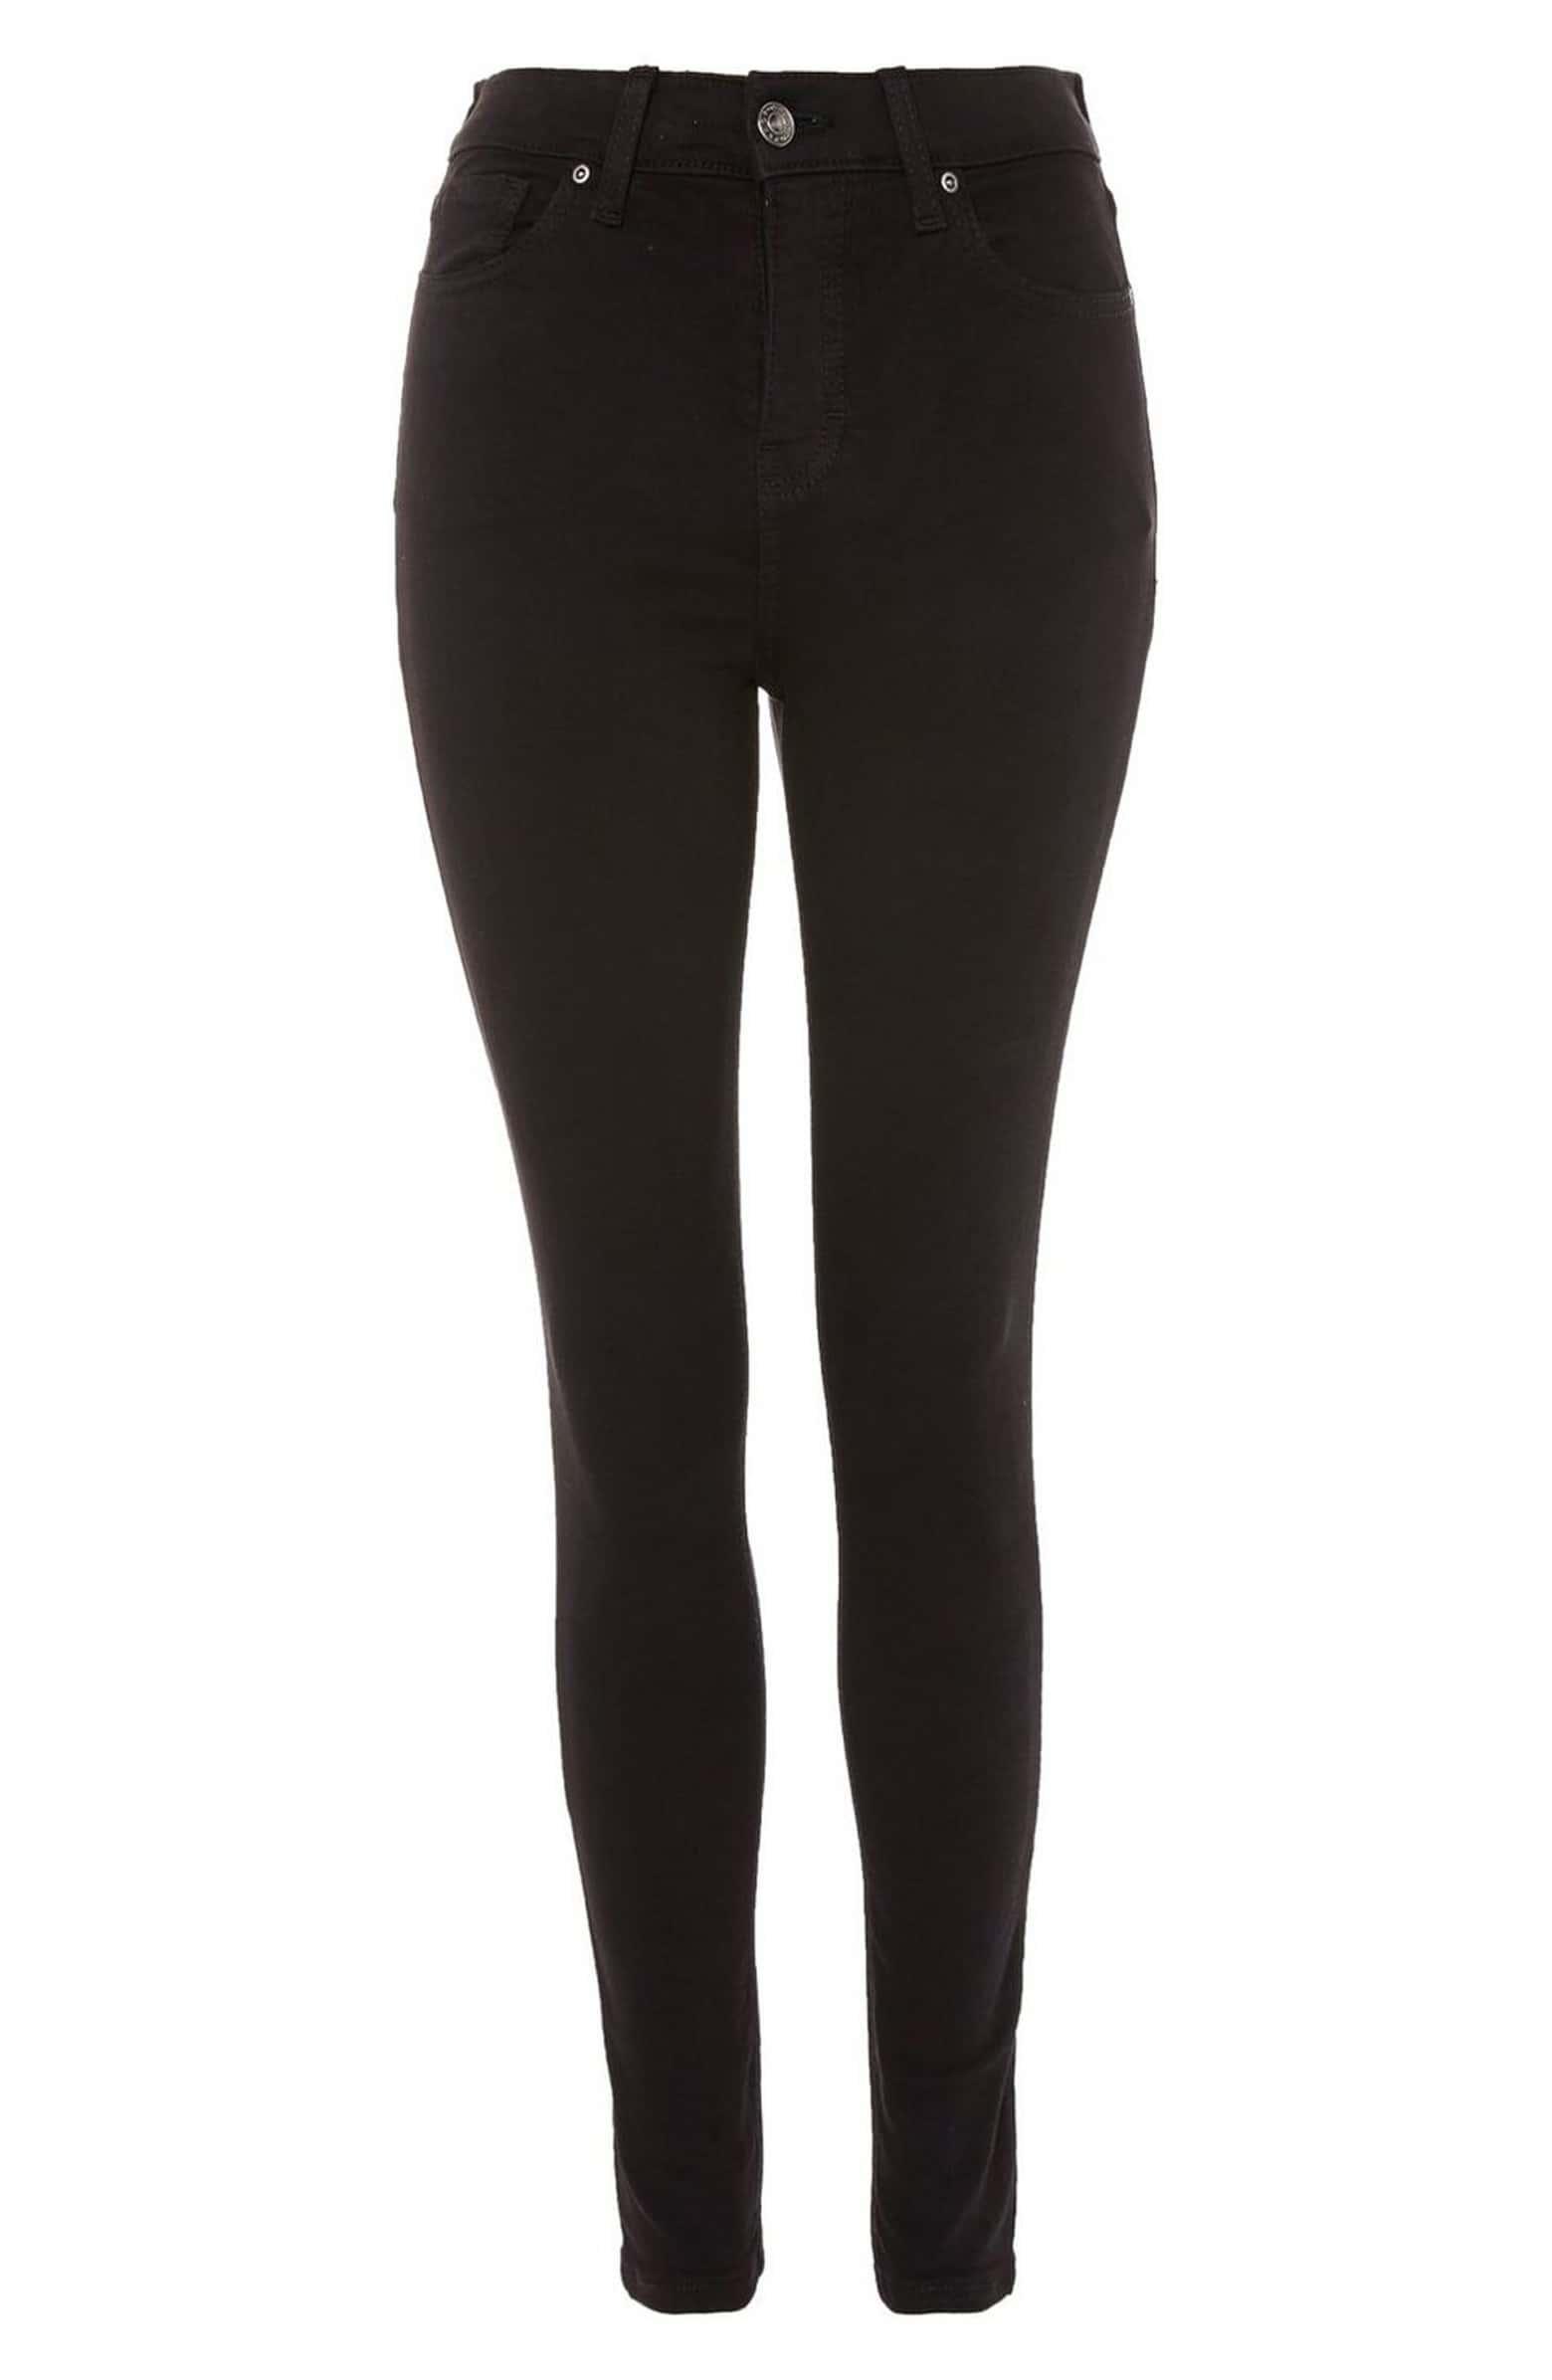 TOPSHOP Jamie Black Jeans, $70